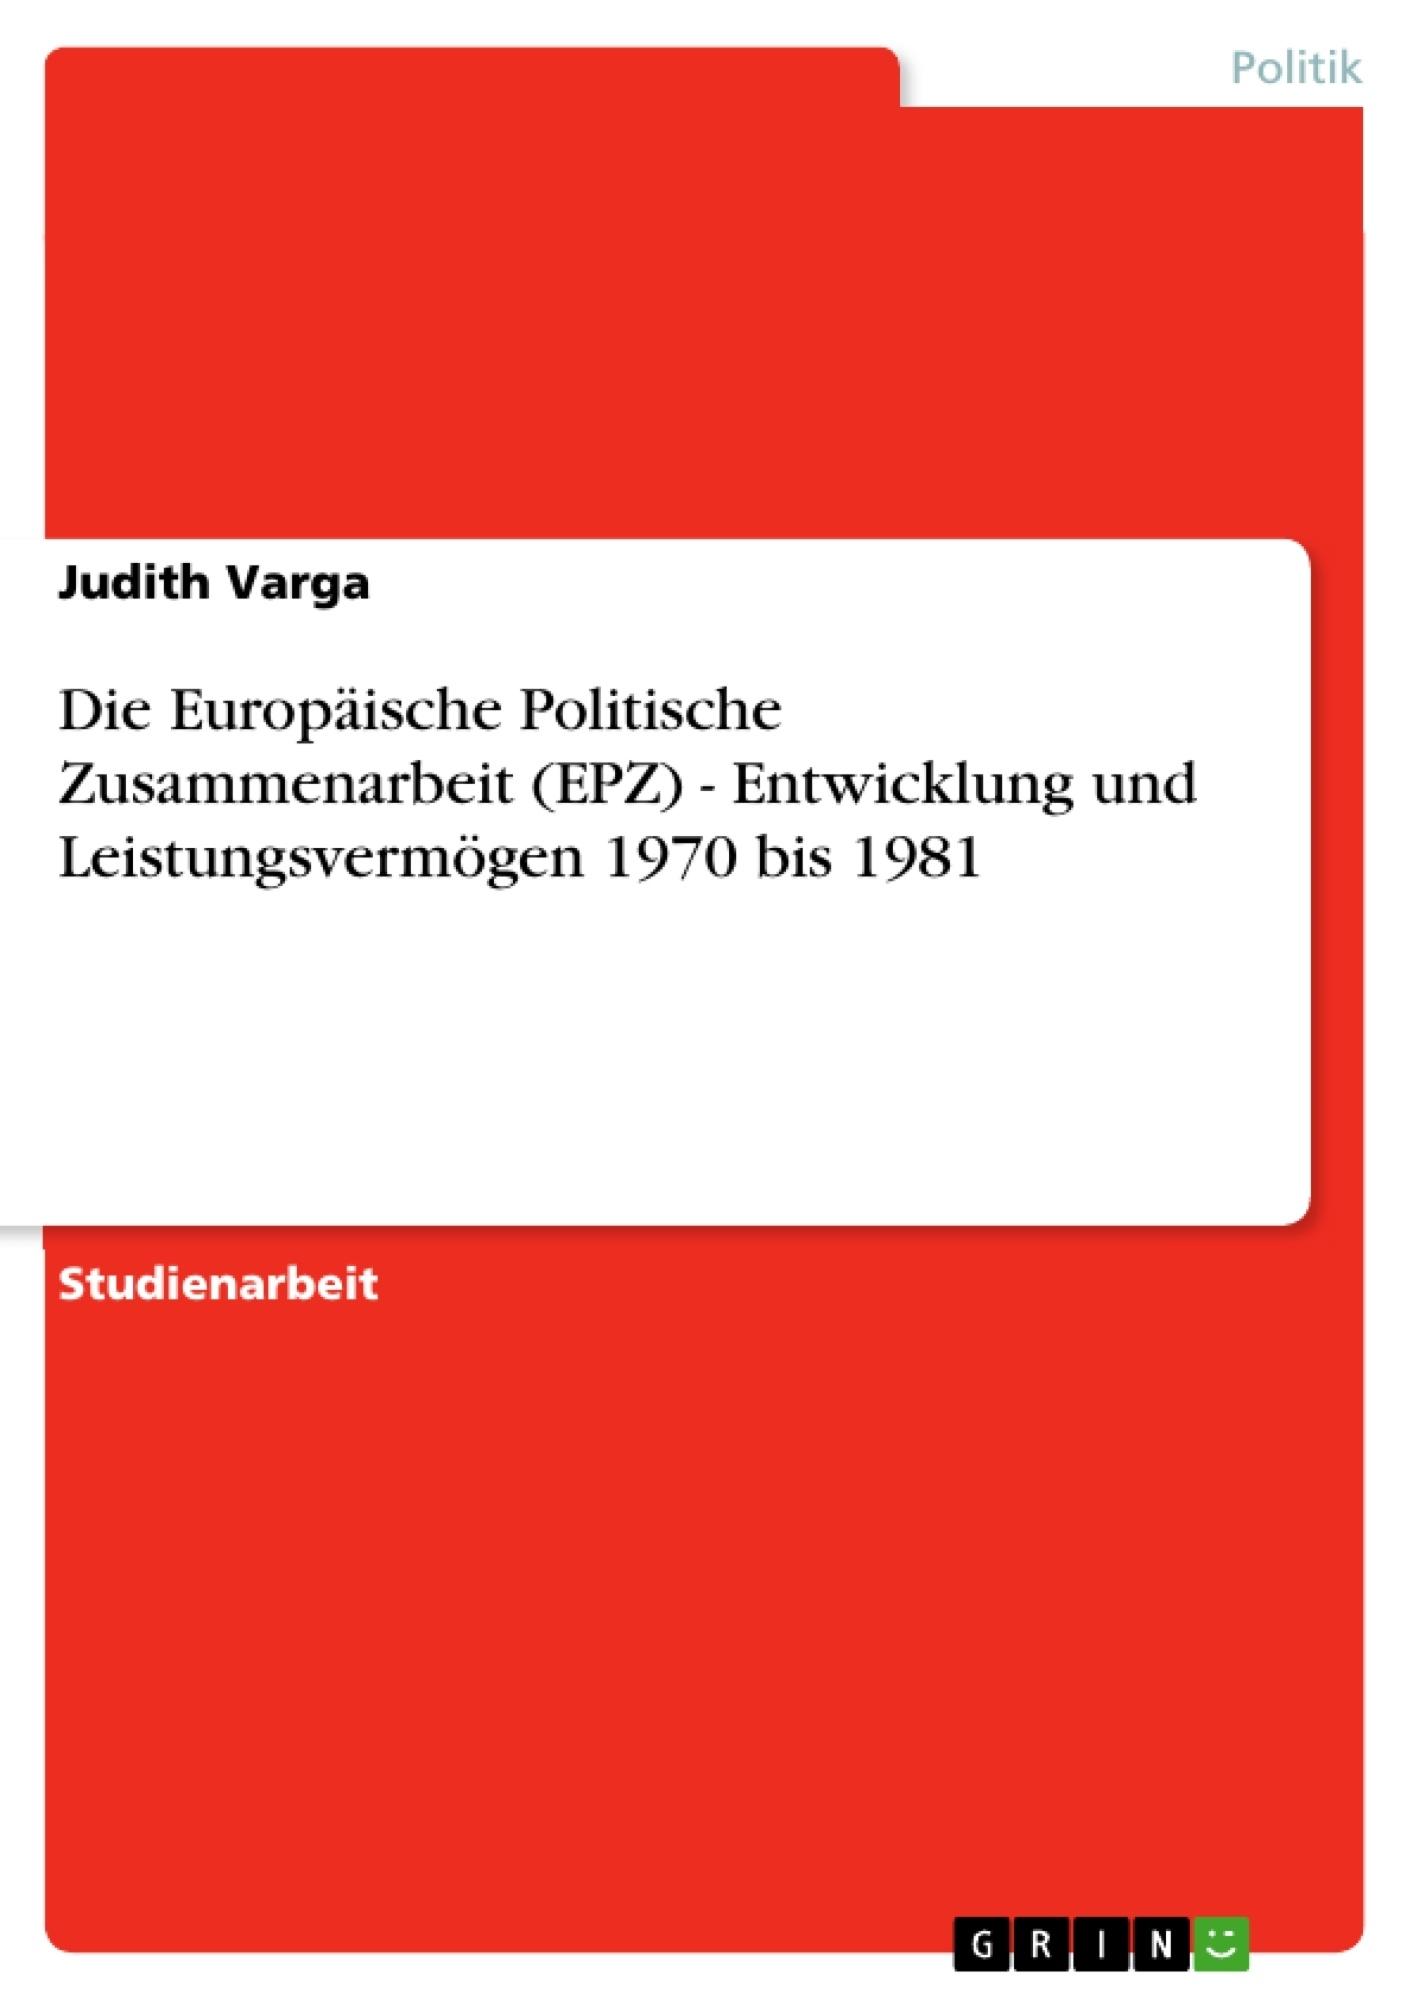 Titel: Die Europäische Politische Zusammenarbeit (EPZ) - Entwicklung und Leistungsvermögen 1970 bis 1981